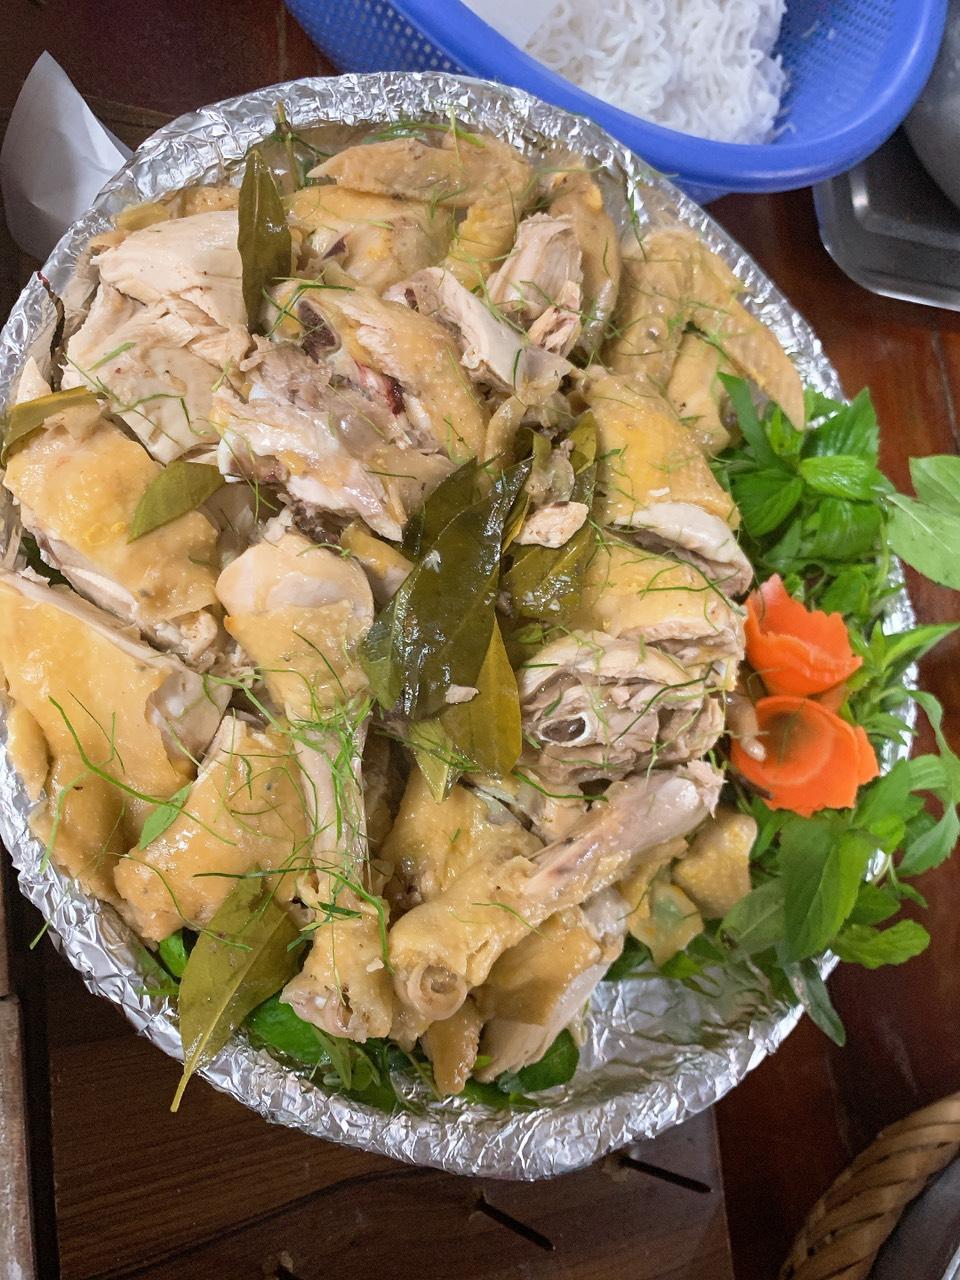 quán ăn ngon Đắk Nông - Gia Nghĩa đáng thưởng thức